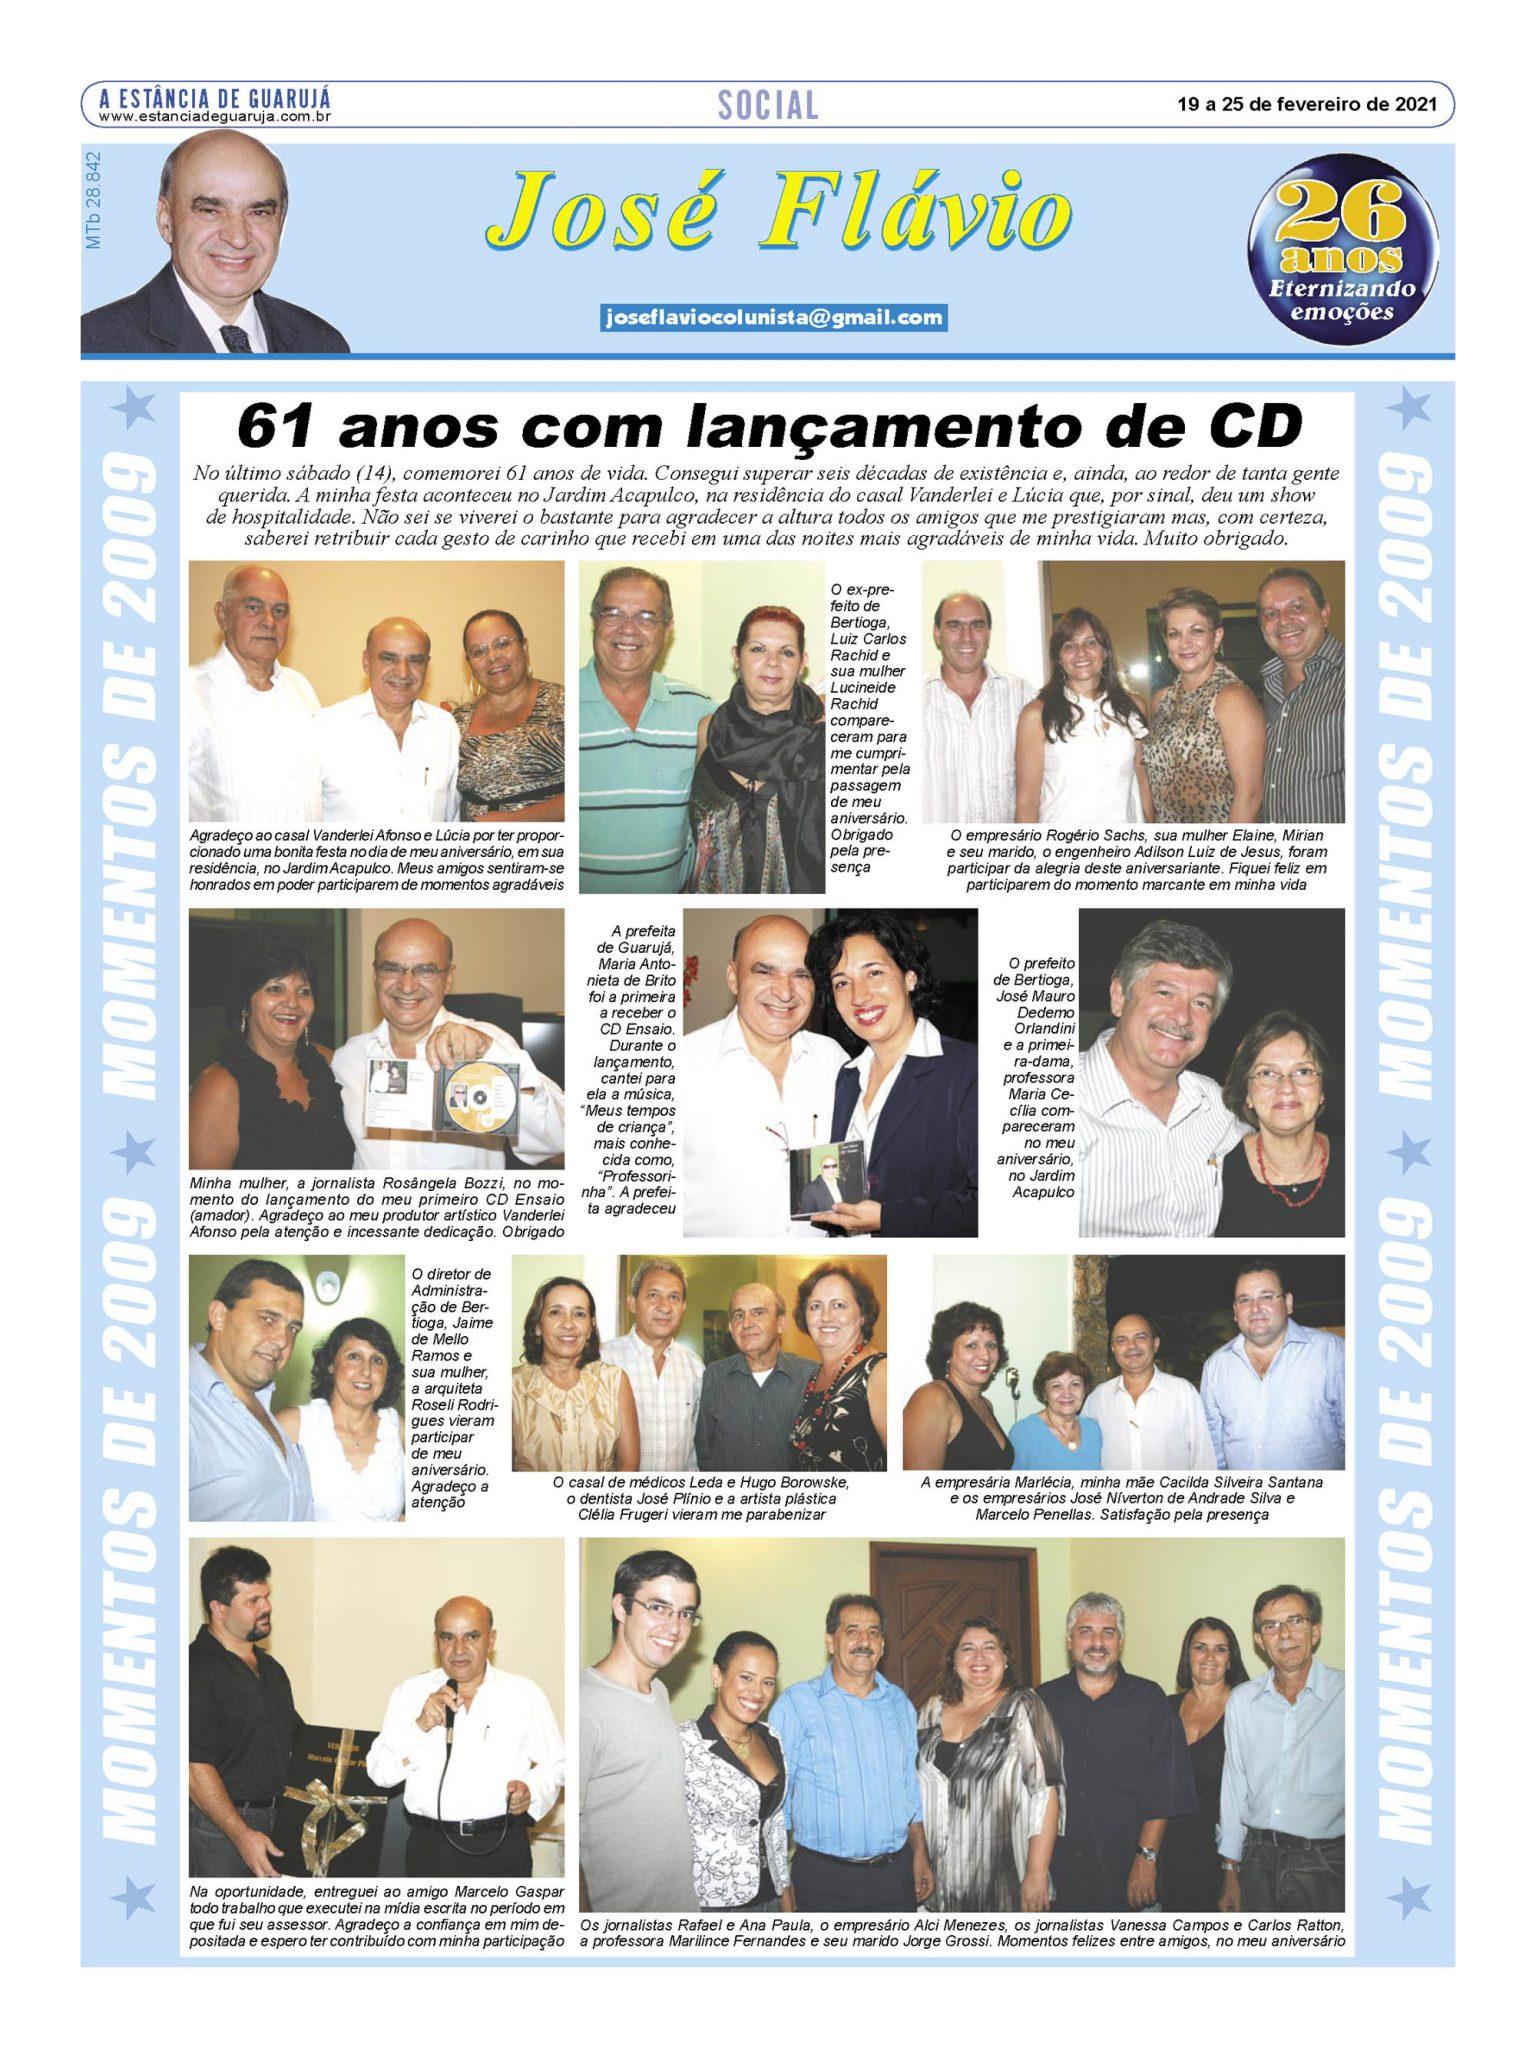 61 anos com lançamento do CD 'Ensaio'